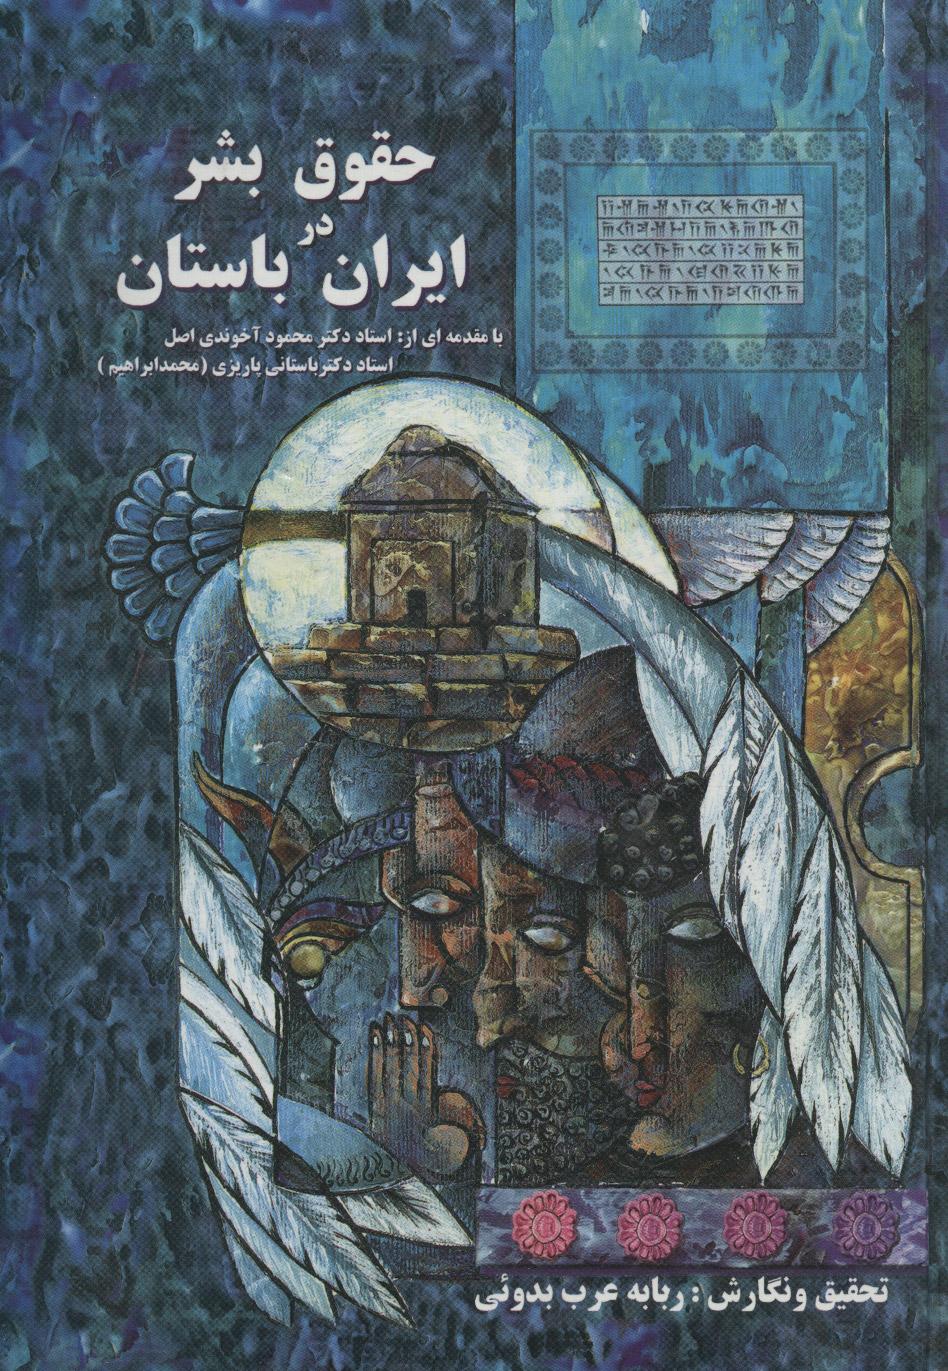 کتاب حمایت کیفری از حقوق بشر در ایران باستان